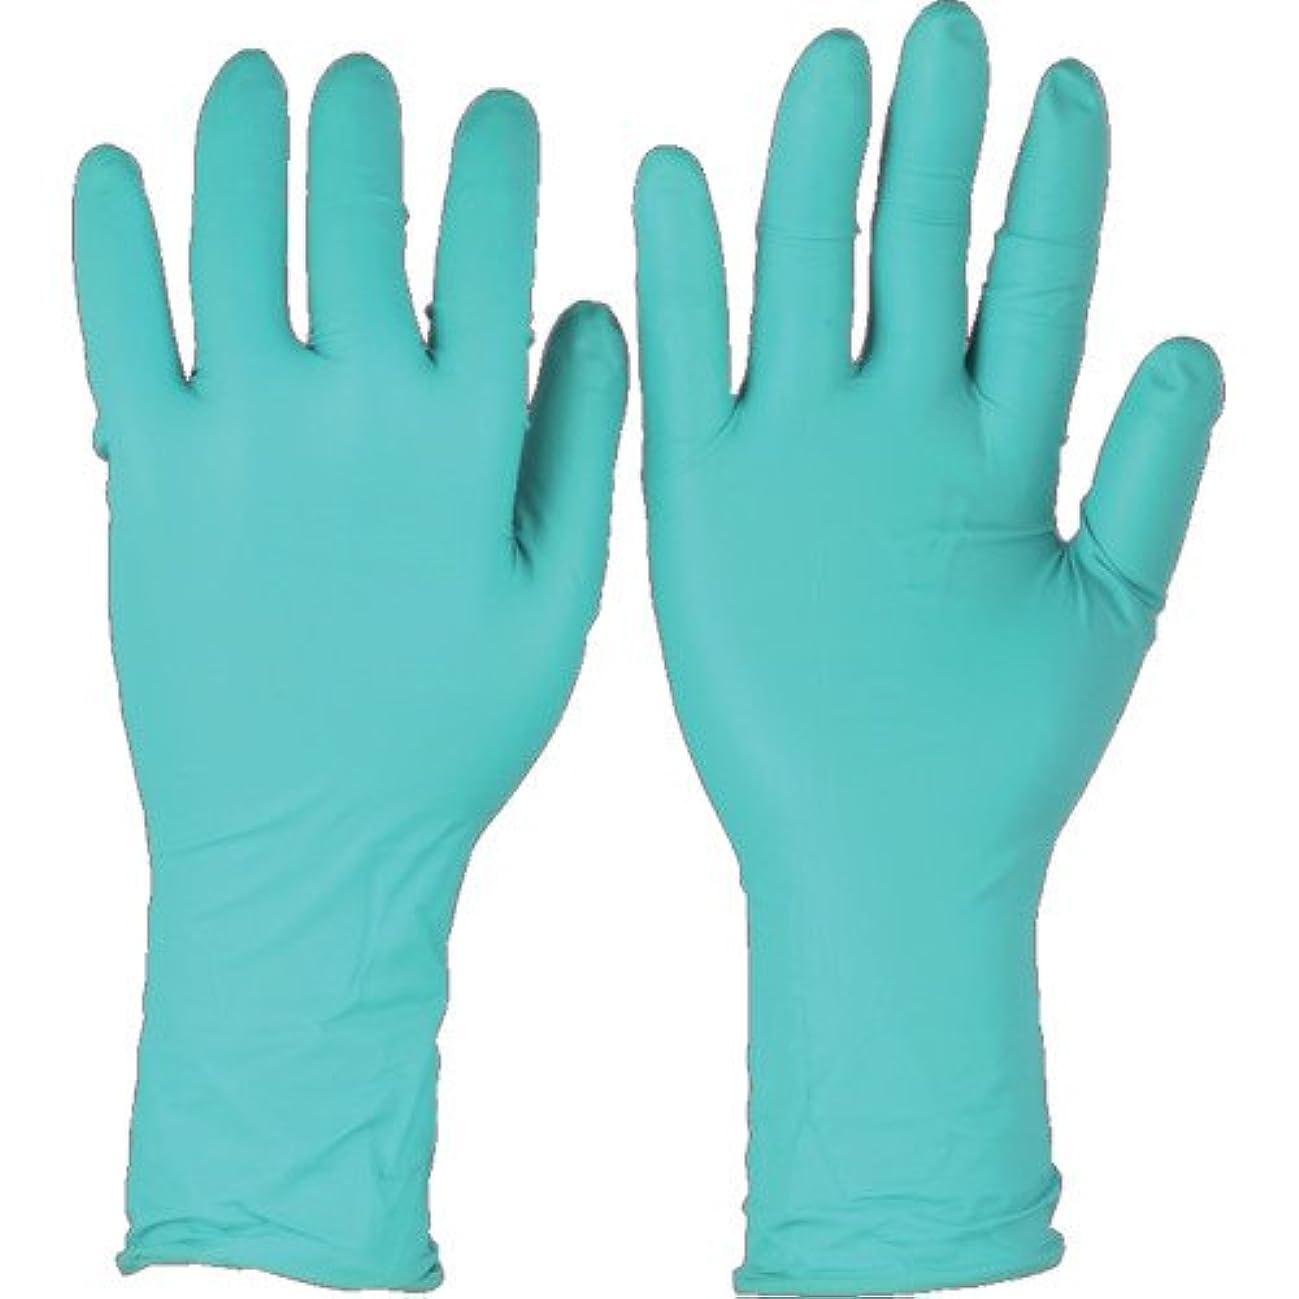 周辺面積ハグトラスコ中山 アンセル ネオプレンゴム使い捨て手袋 マイクロフレックス 93-260 Sサイズ (50枚入)  932607